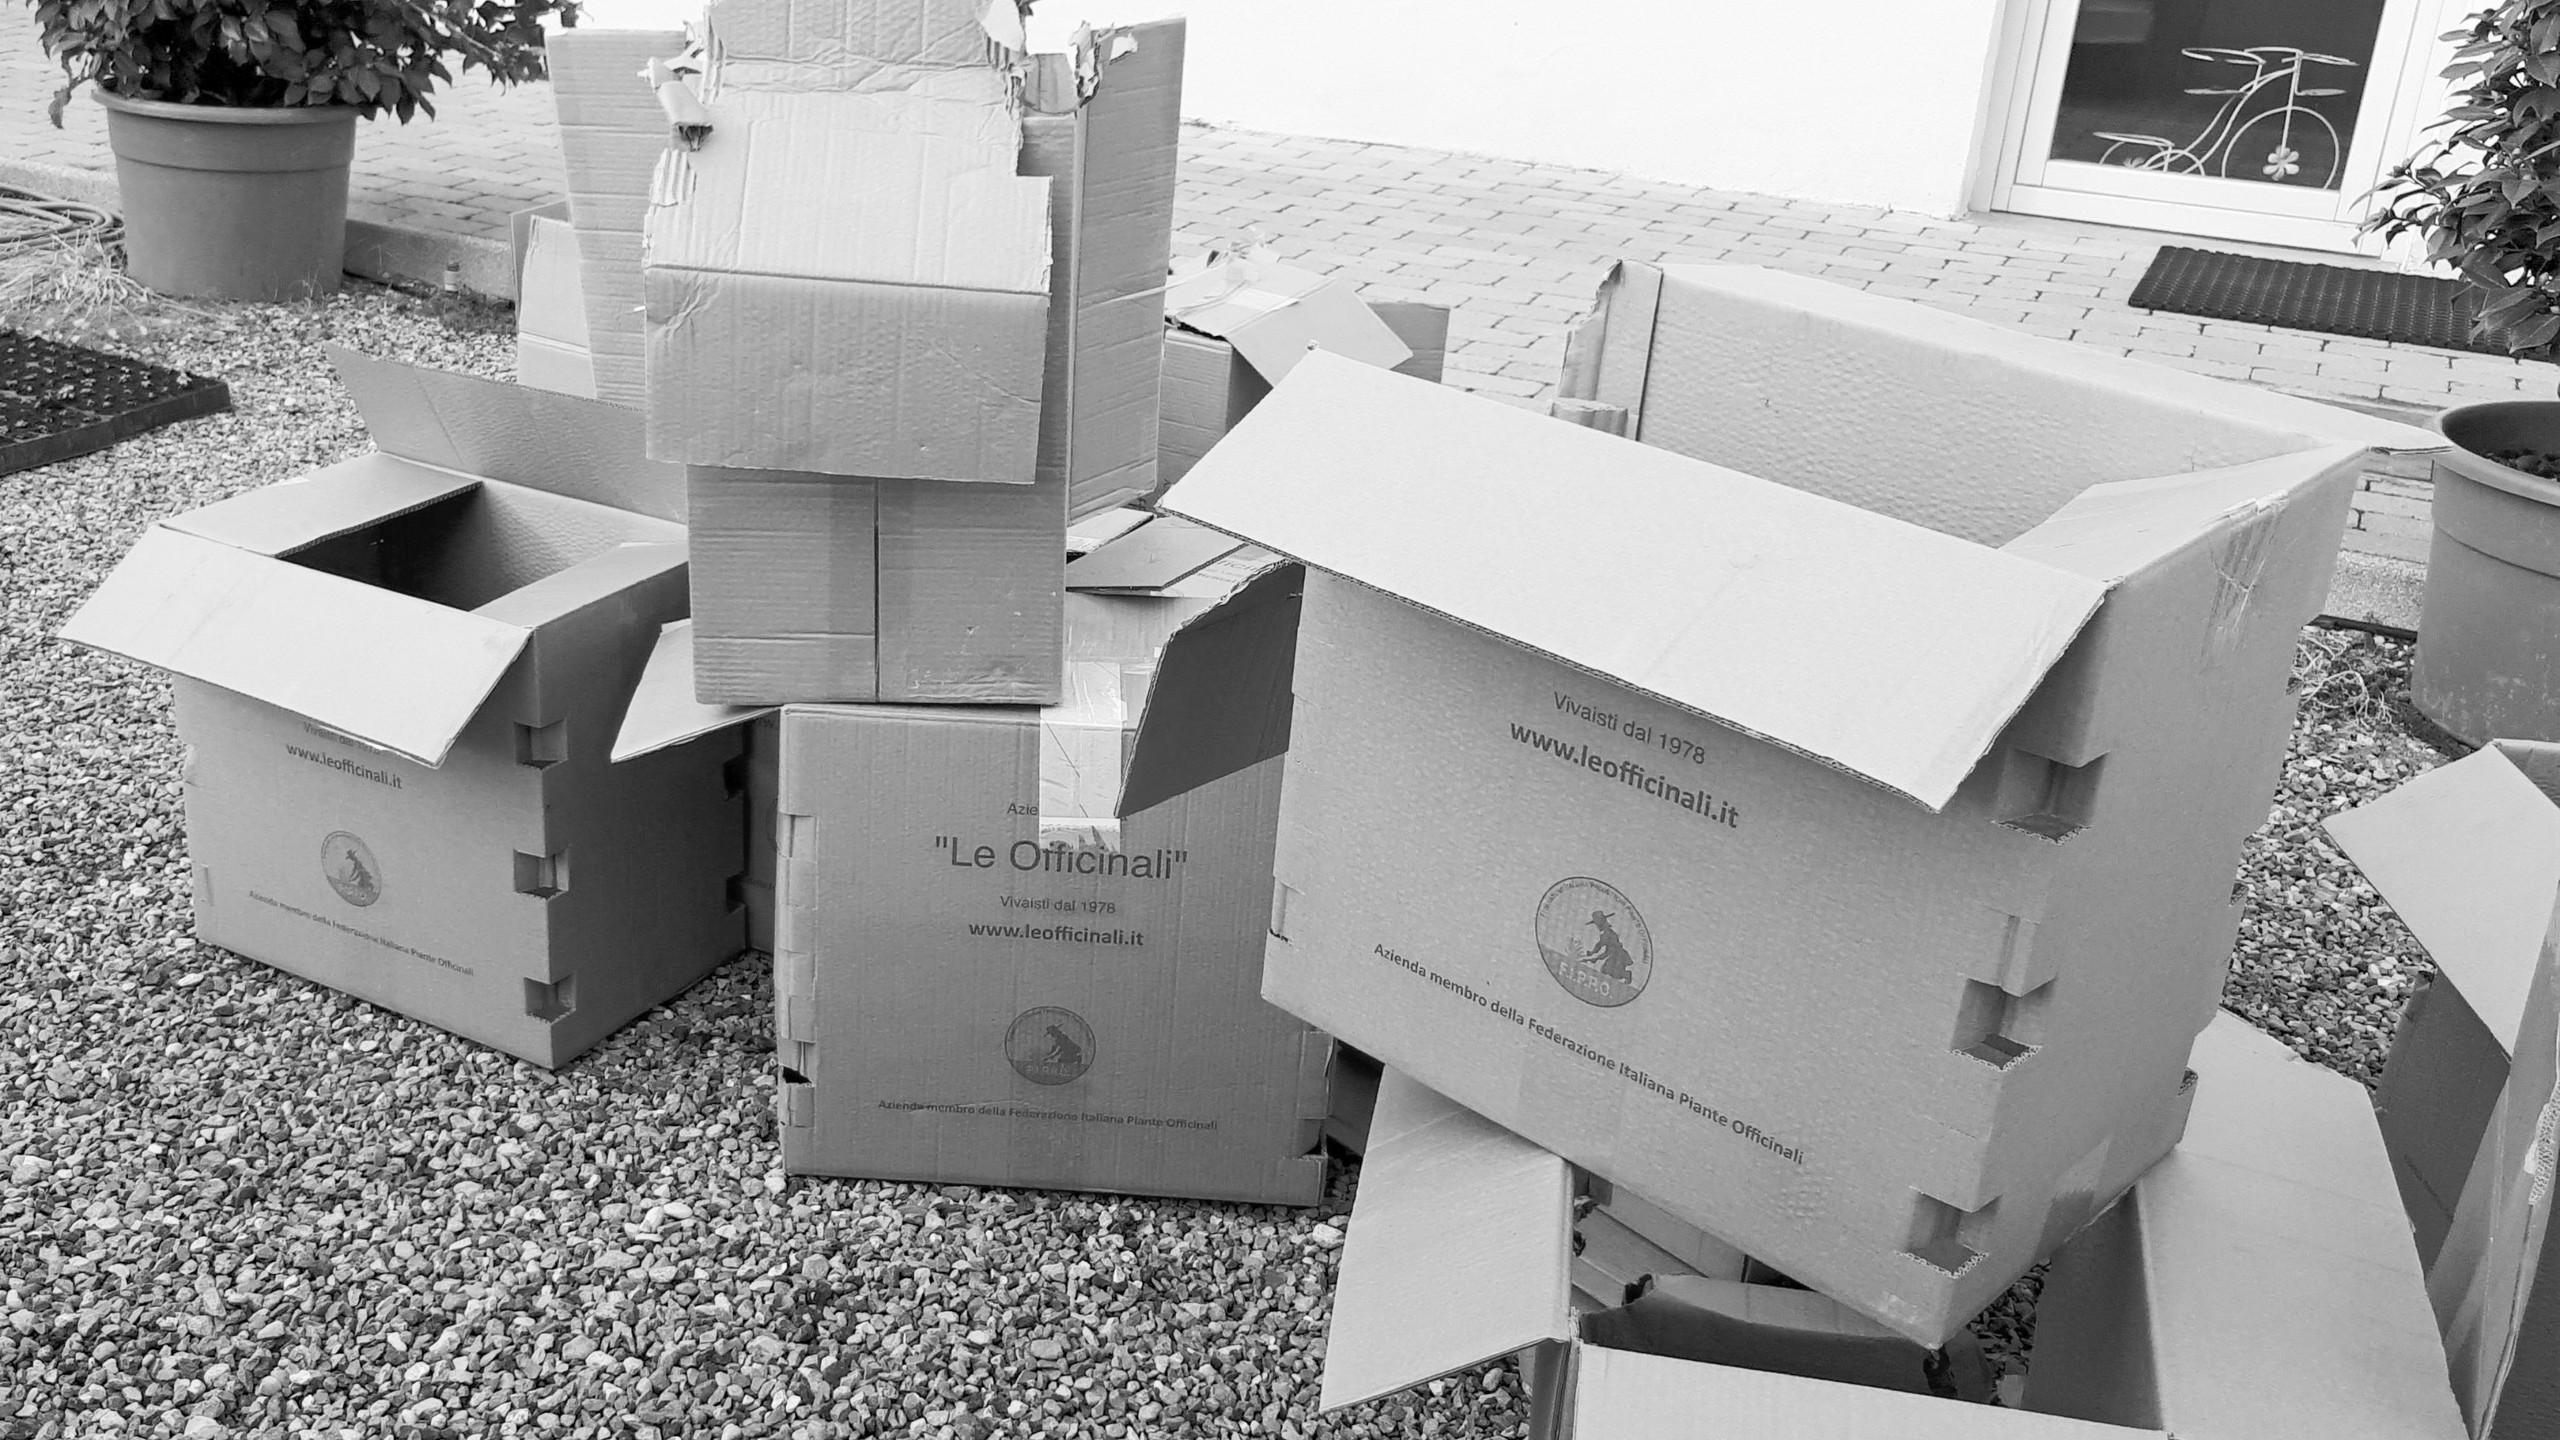 Gli scatoloni vuoti li abbiamo messi da parte